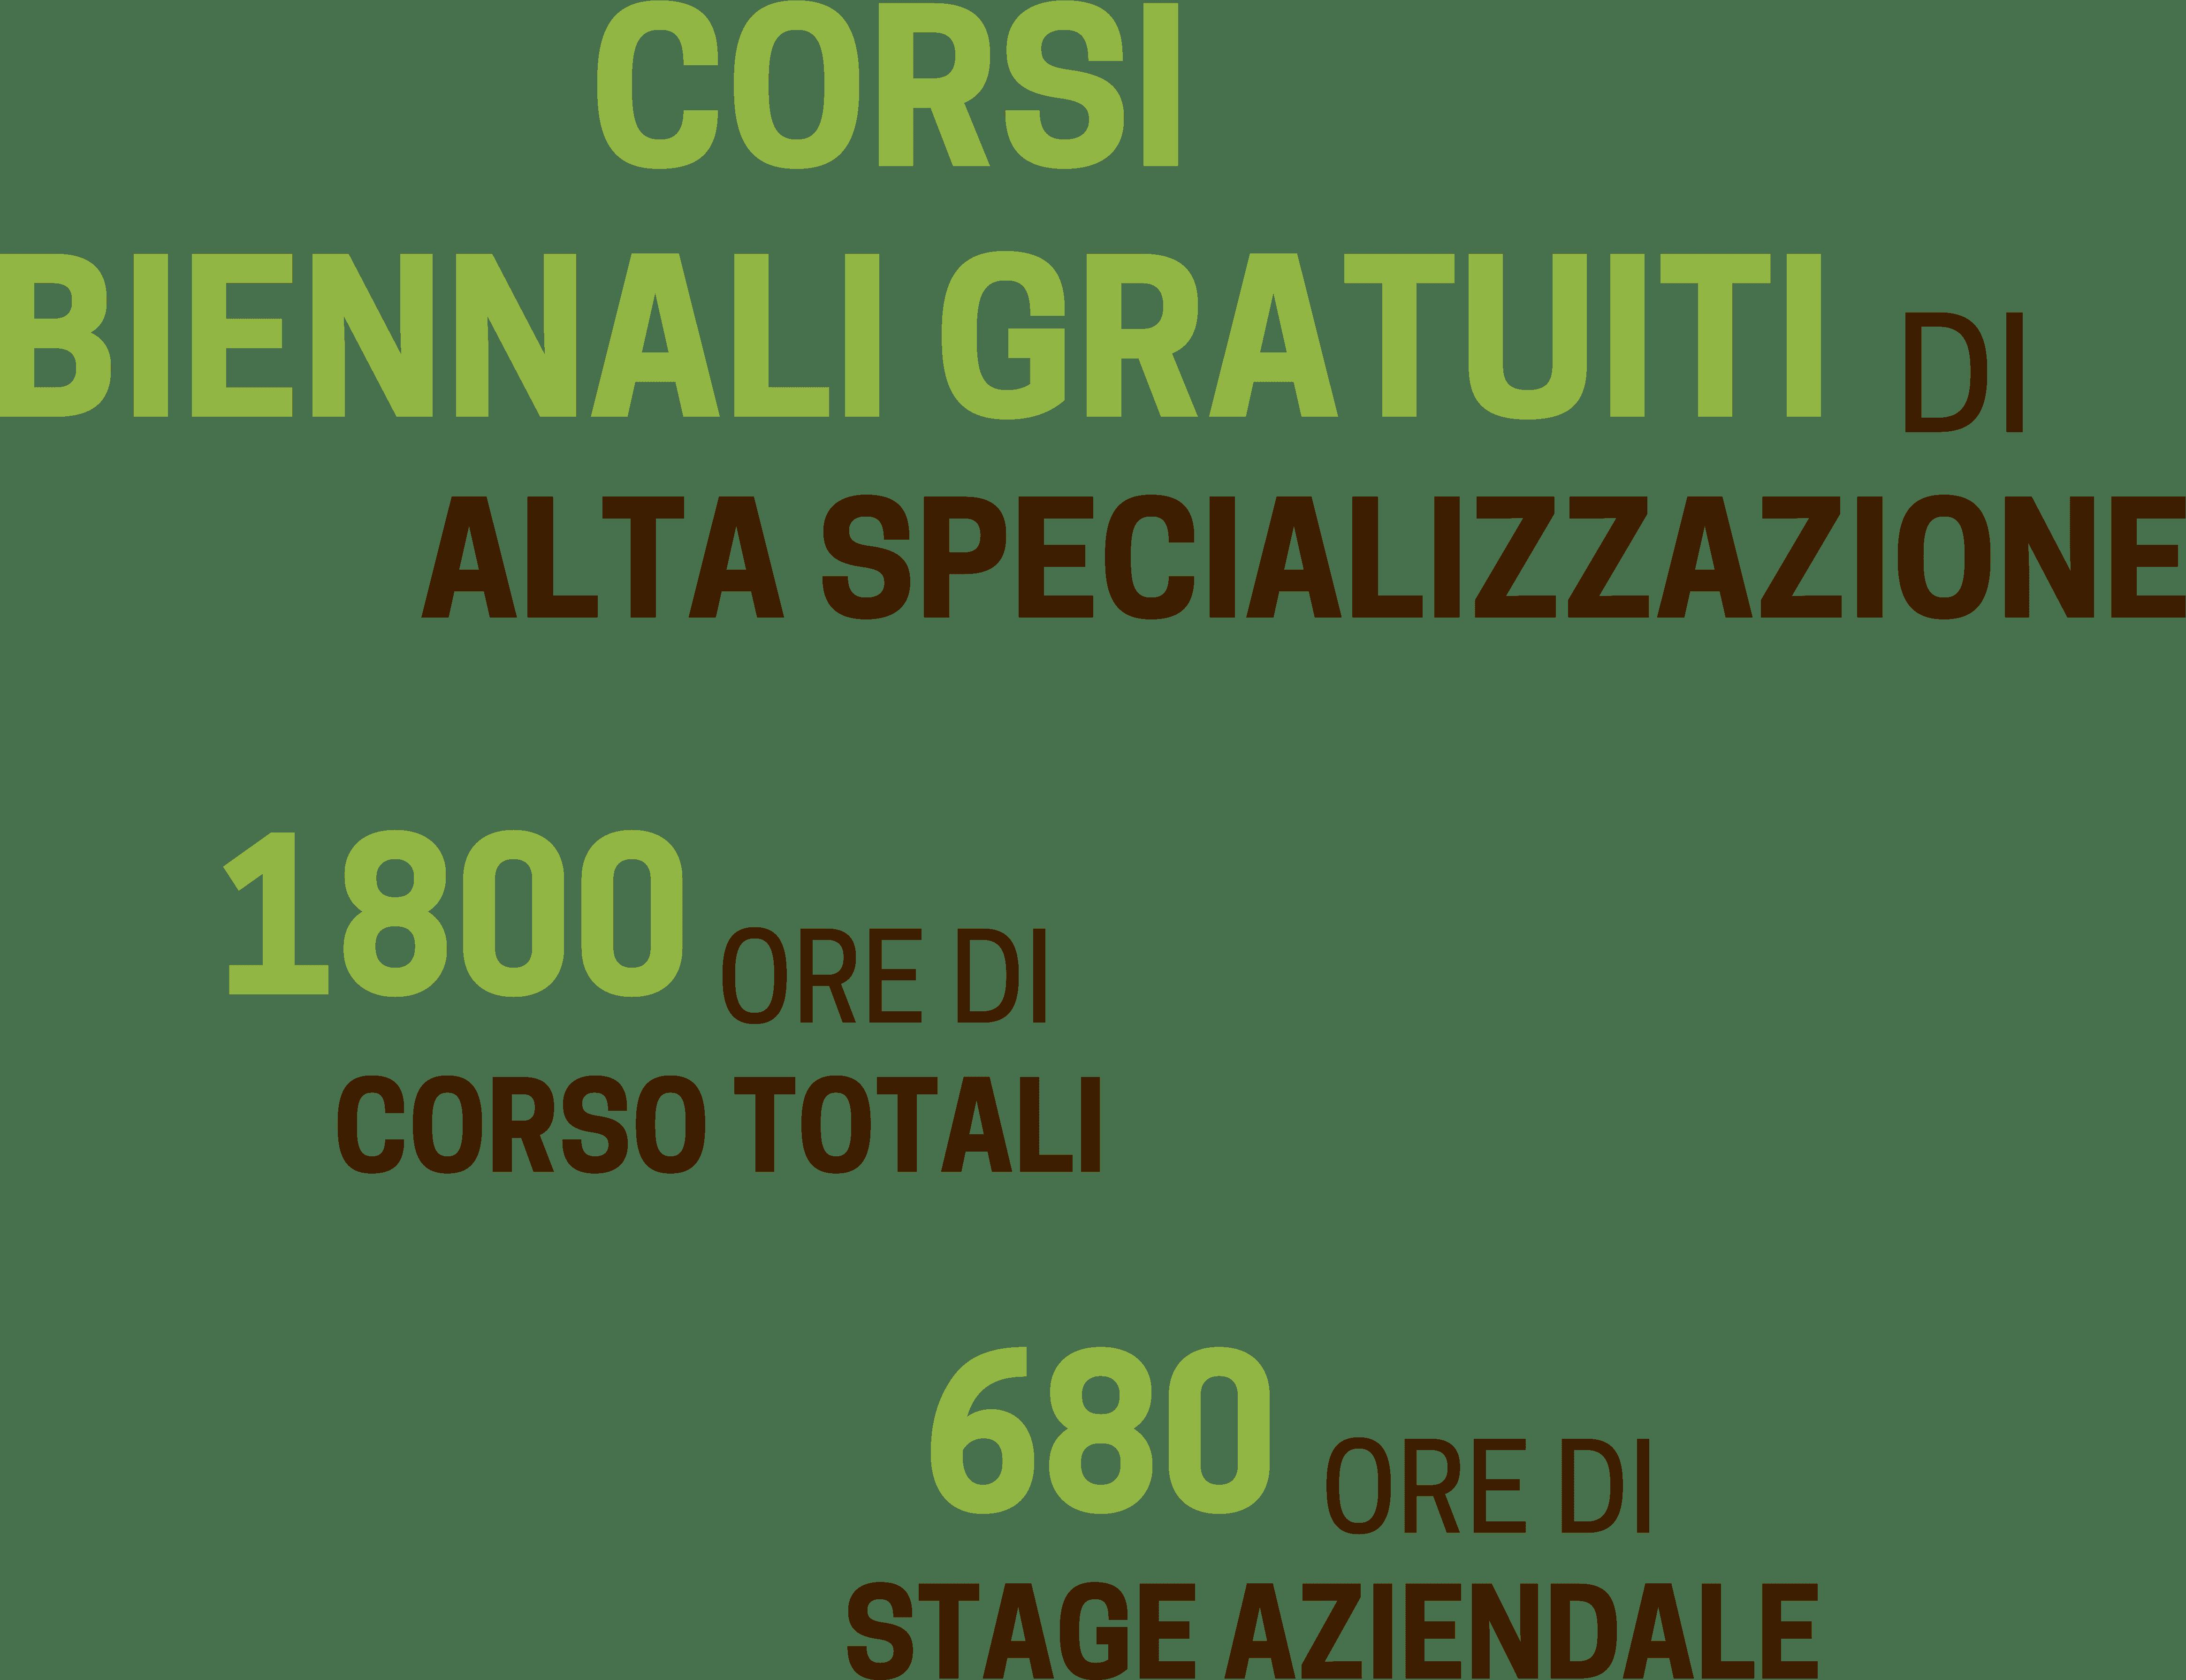 Corsi biennali di alta specializzazione post diploma - ITS Agroalimentare per il Piemonte